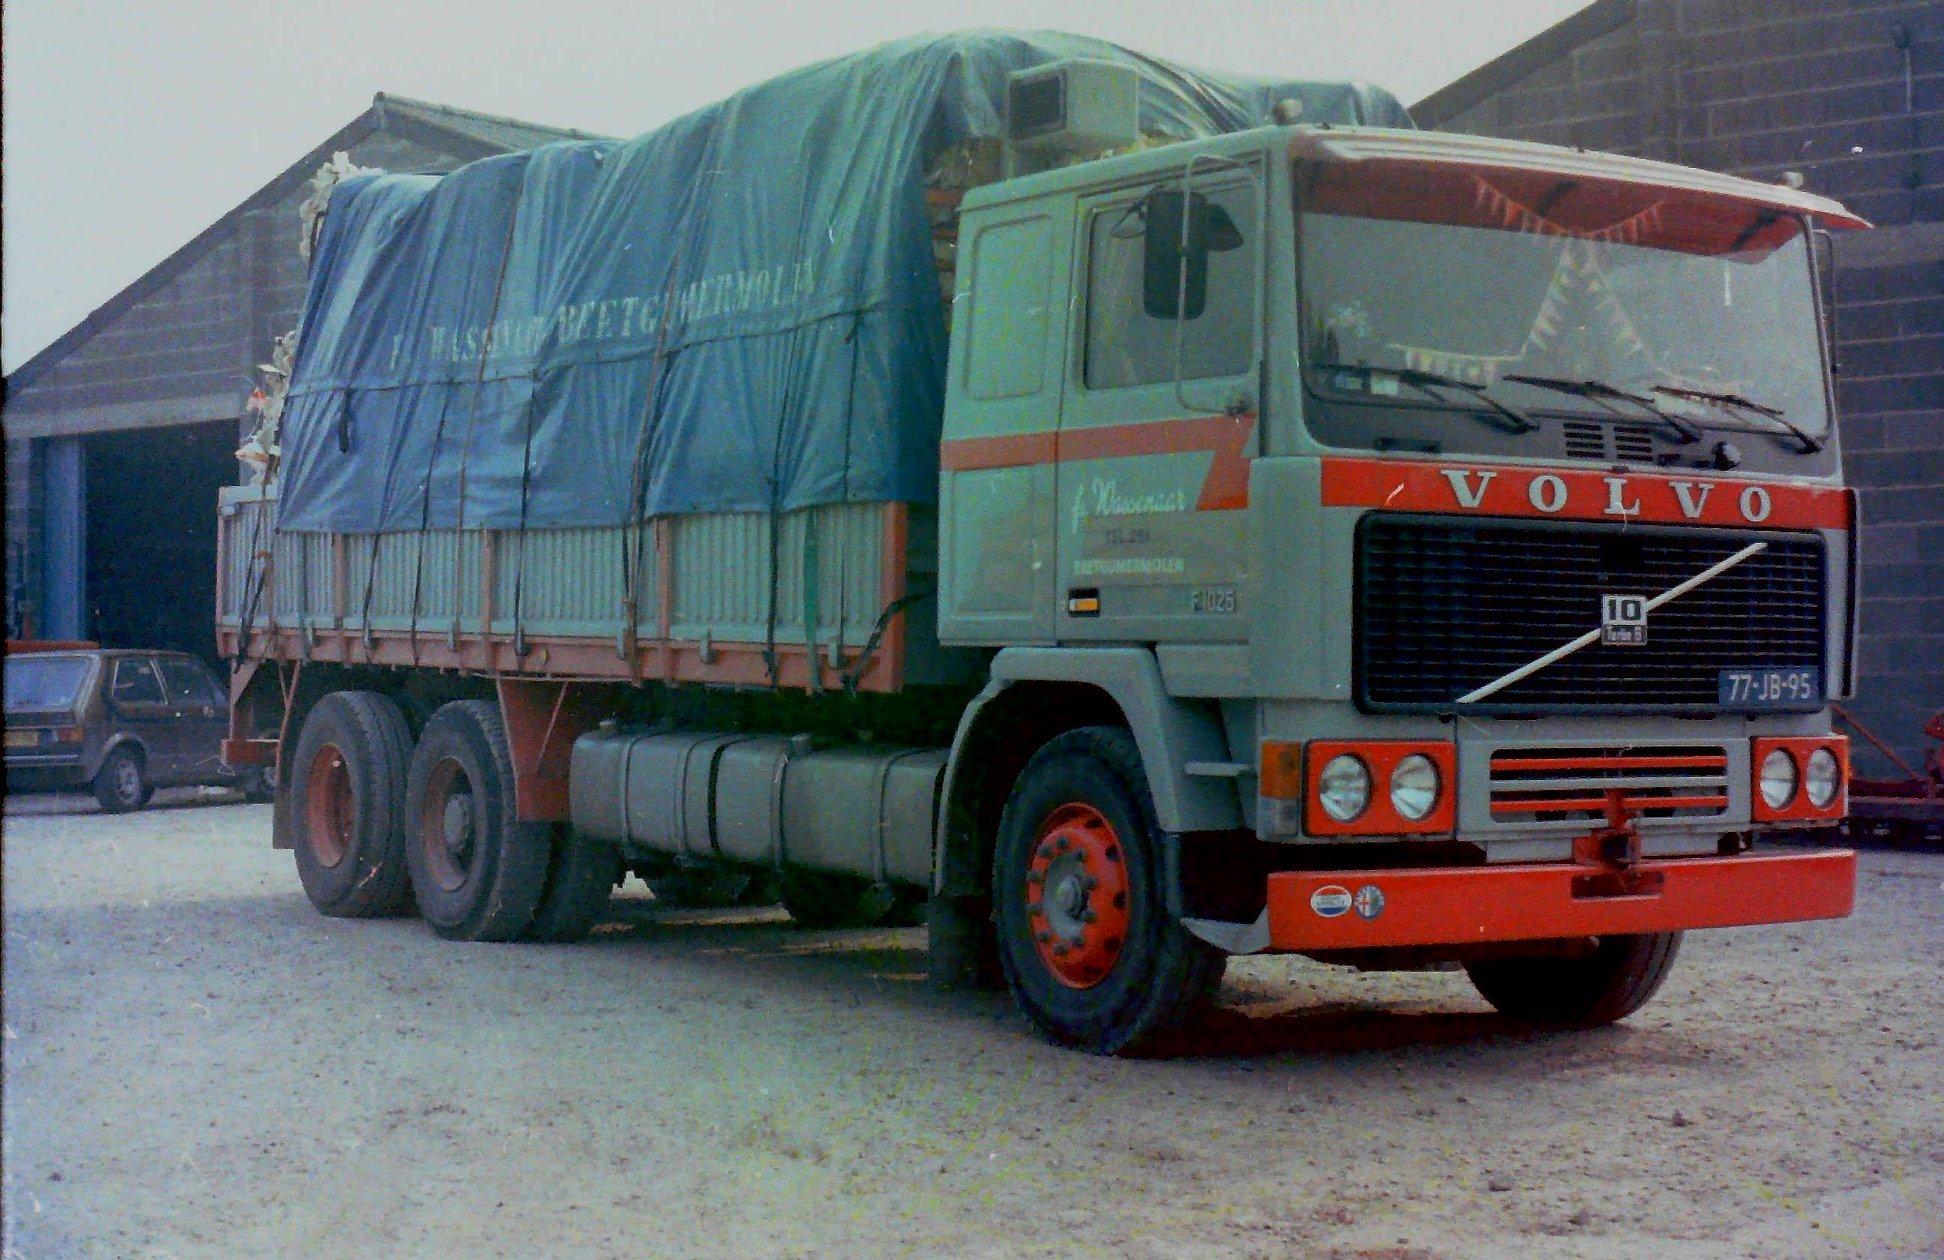 2-vrachtautos-van-Wassenaar-in-Beetgumermolen-gemaakt-voor-de-oude-loods-in-Beetgumermolen--fotos-door-mij-gemaakt-Lolle-8